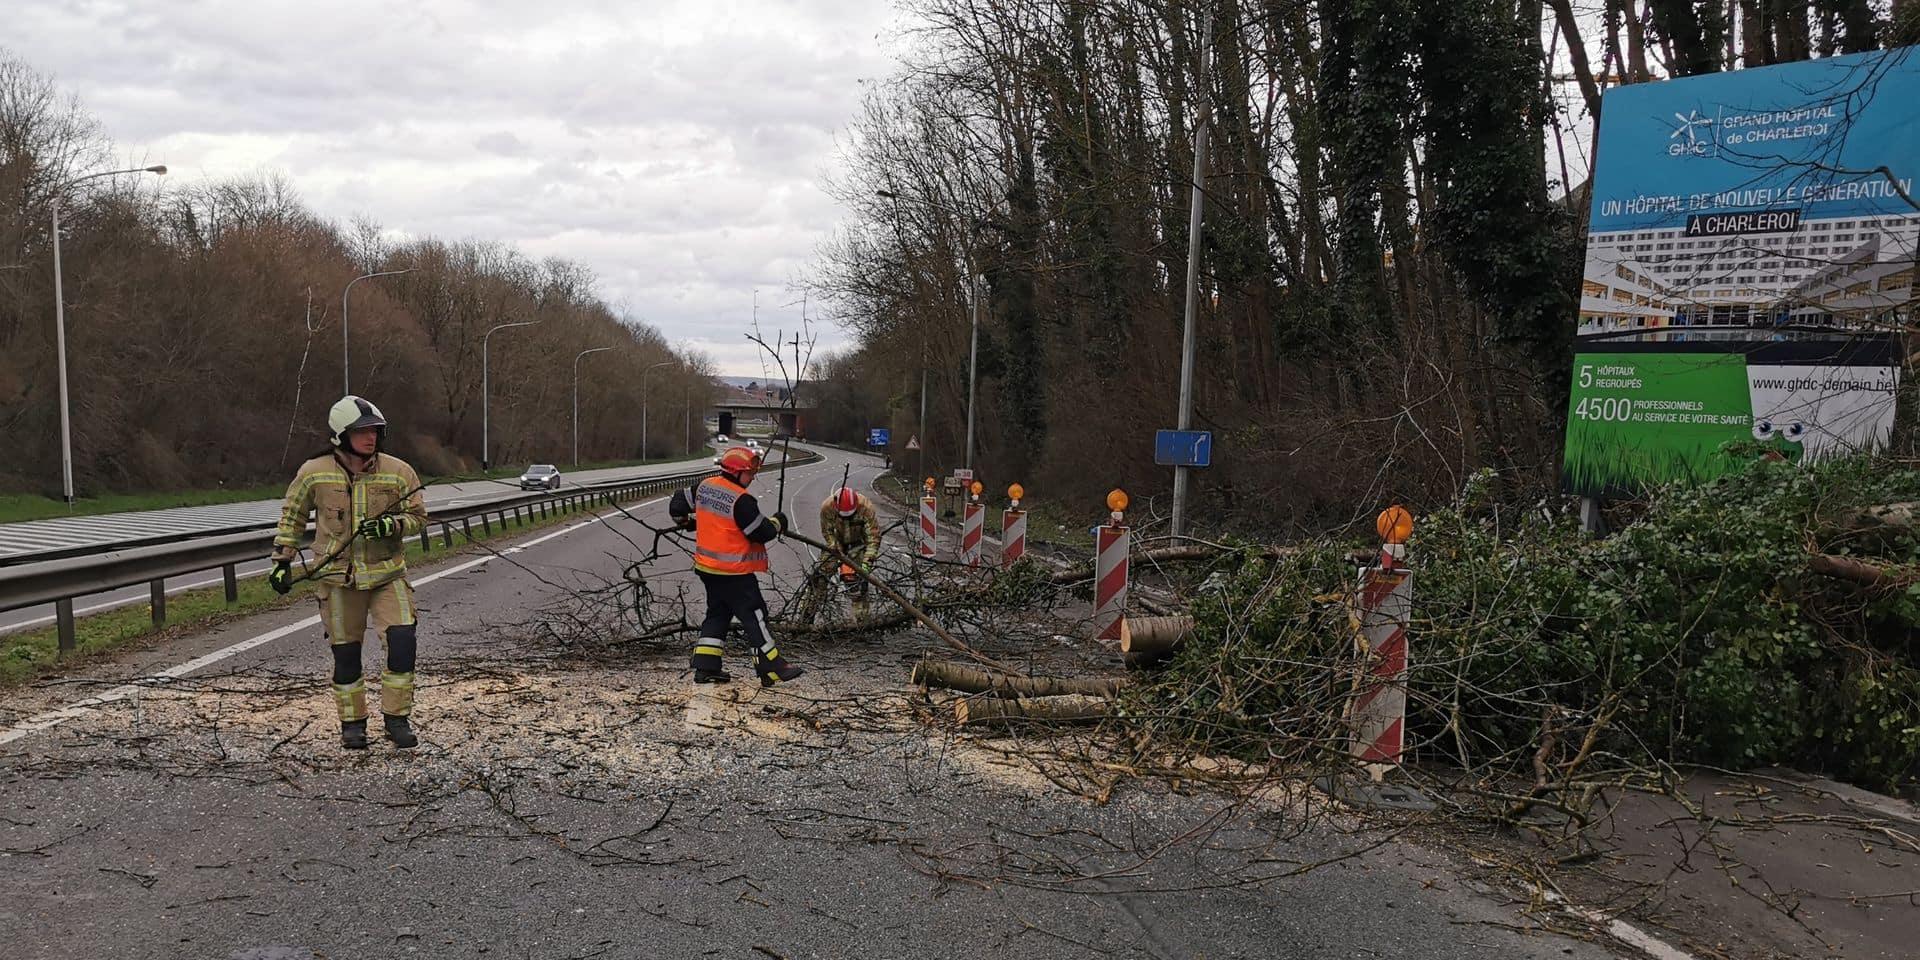 Tempête Dennis: 150 interventions pour la zone de Secours Hainaut-Est jusqu'à maintenant